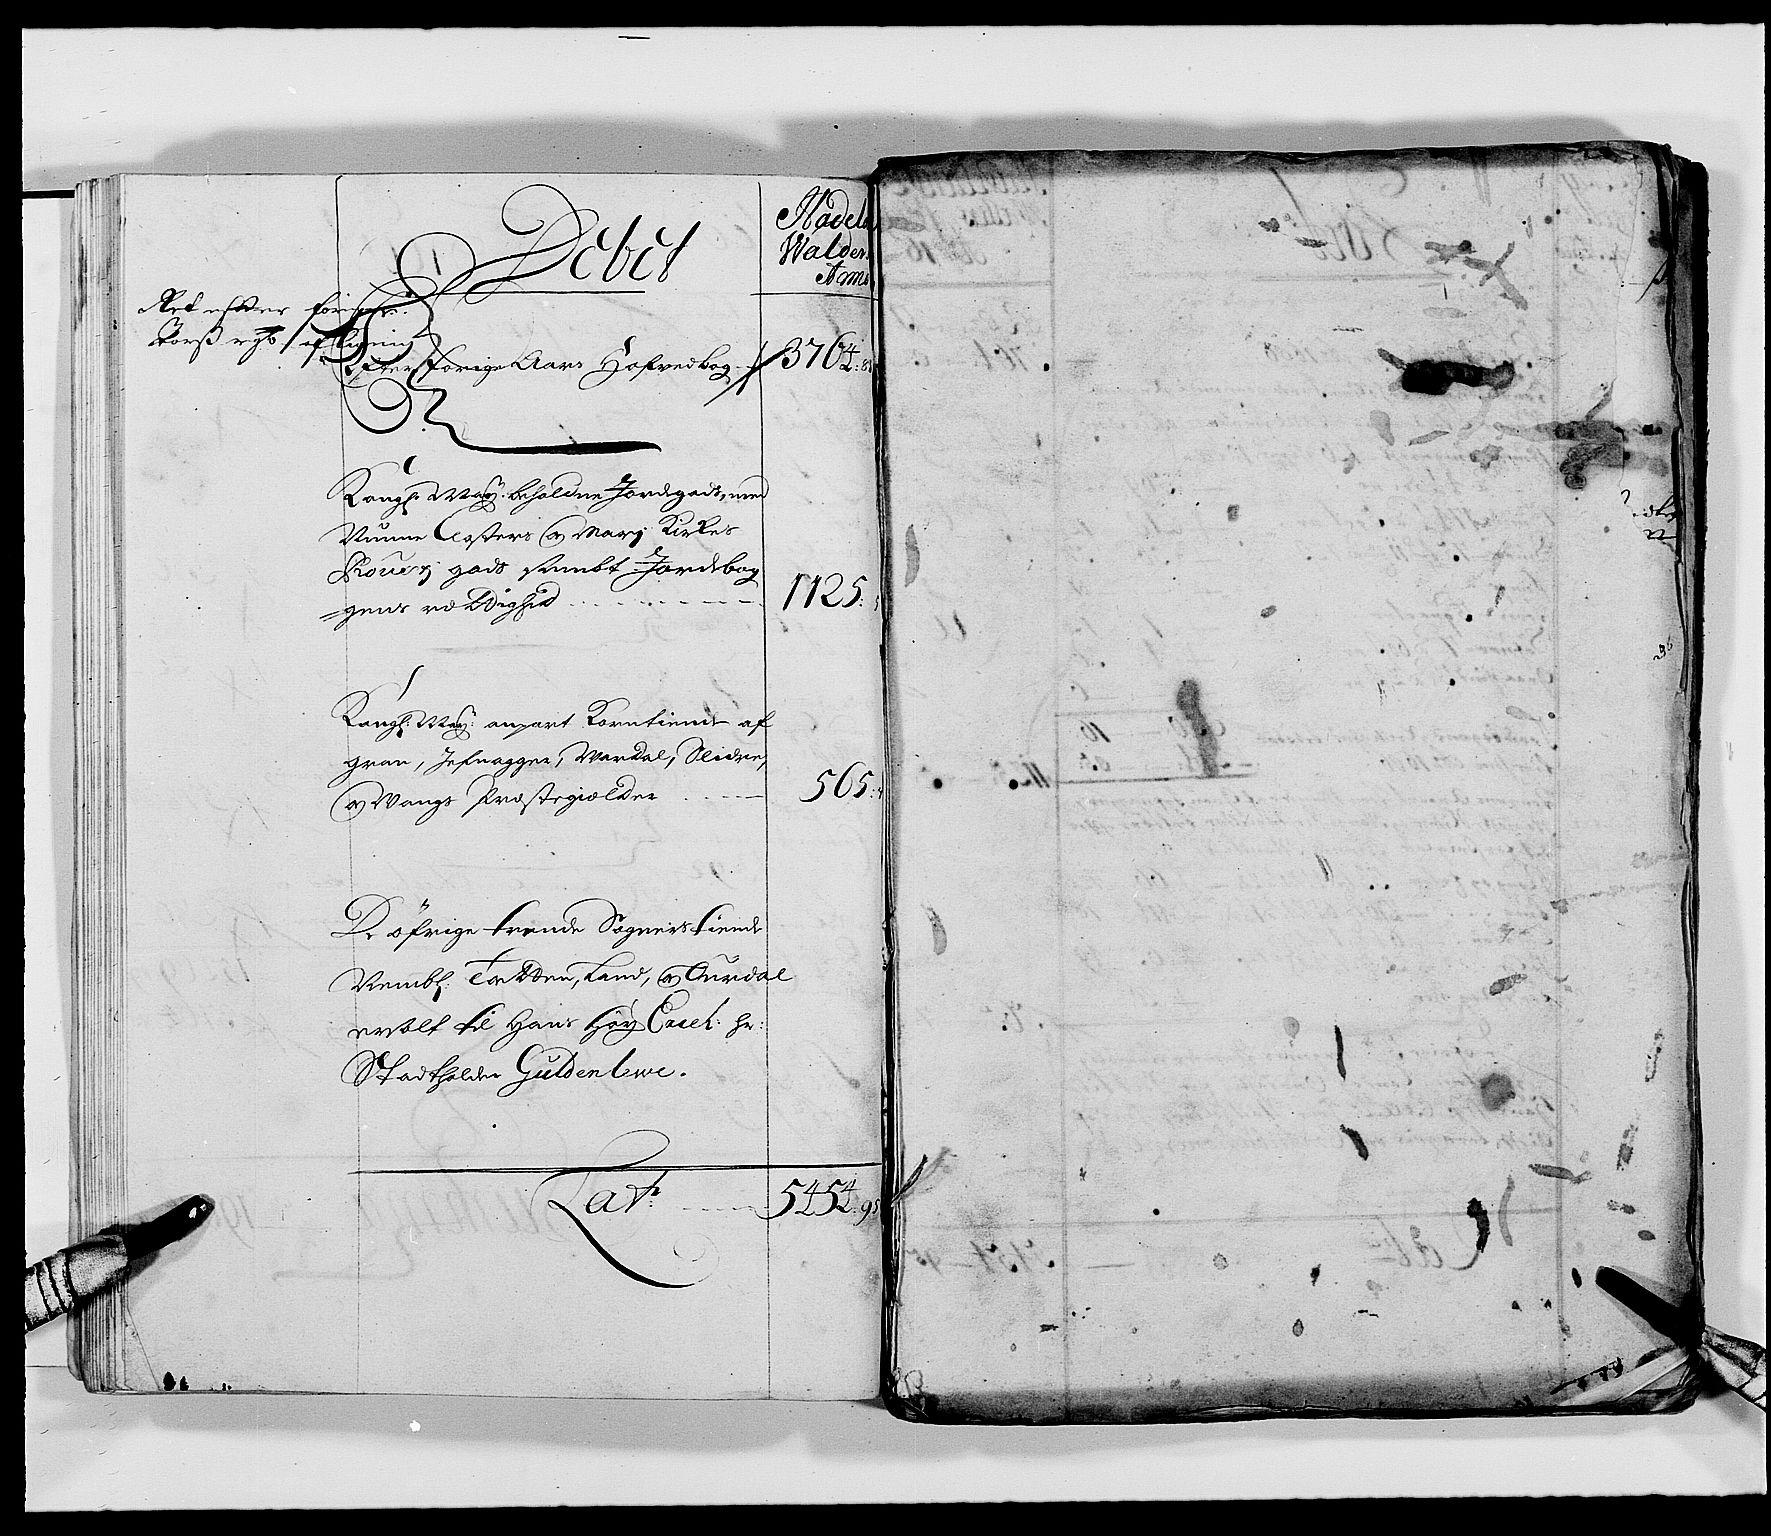 RA, Rentekammeret inntil 1814, Reviderte regnskaper, Fogderegnskap, R18/L1287: Fogderegnskap Hadeland, Toten og Valdres, 1688, s. 64